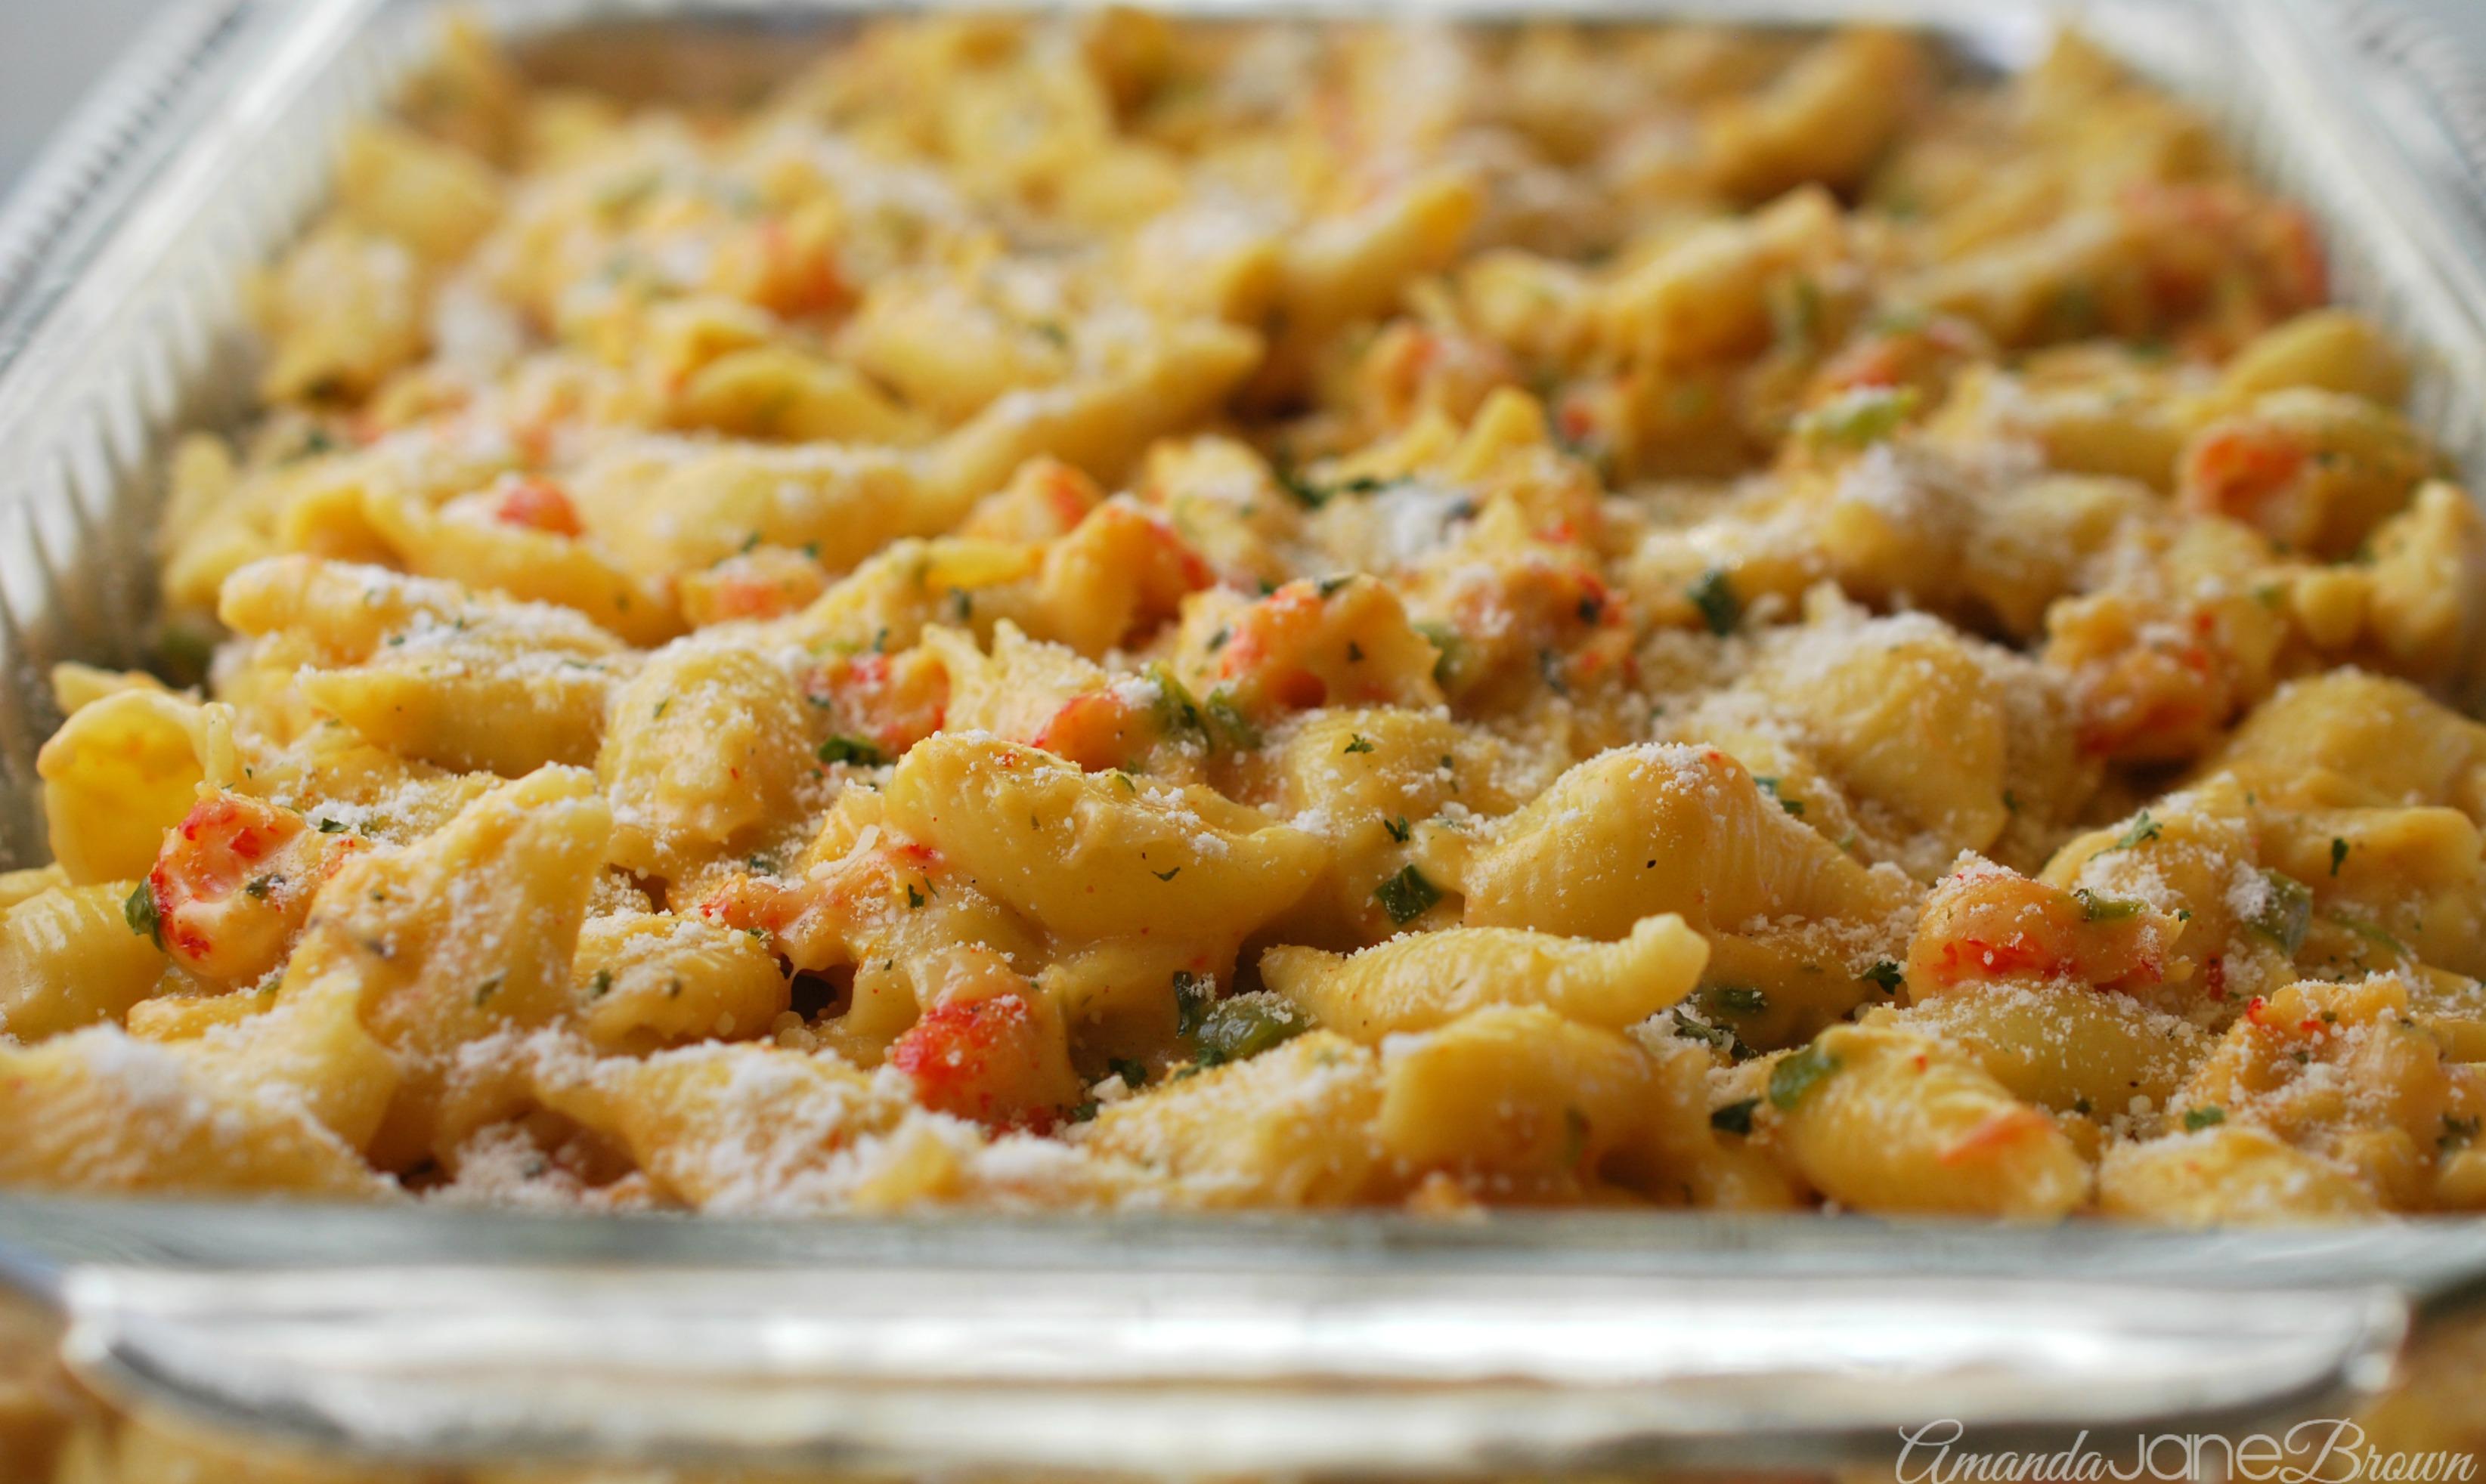 Creamy-Crawfish-Pasta-4.jpg